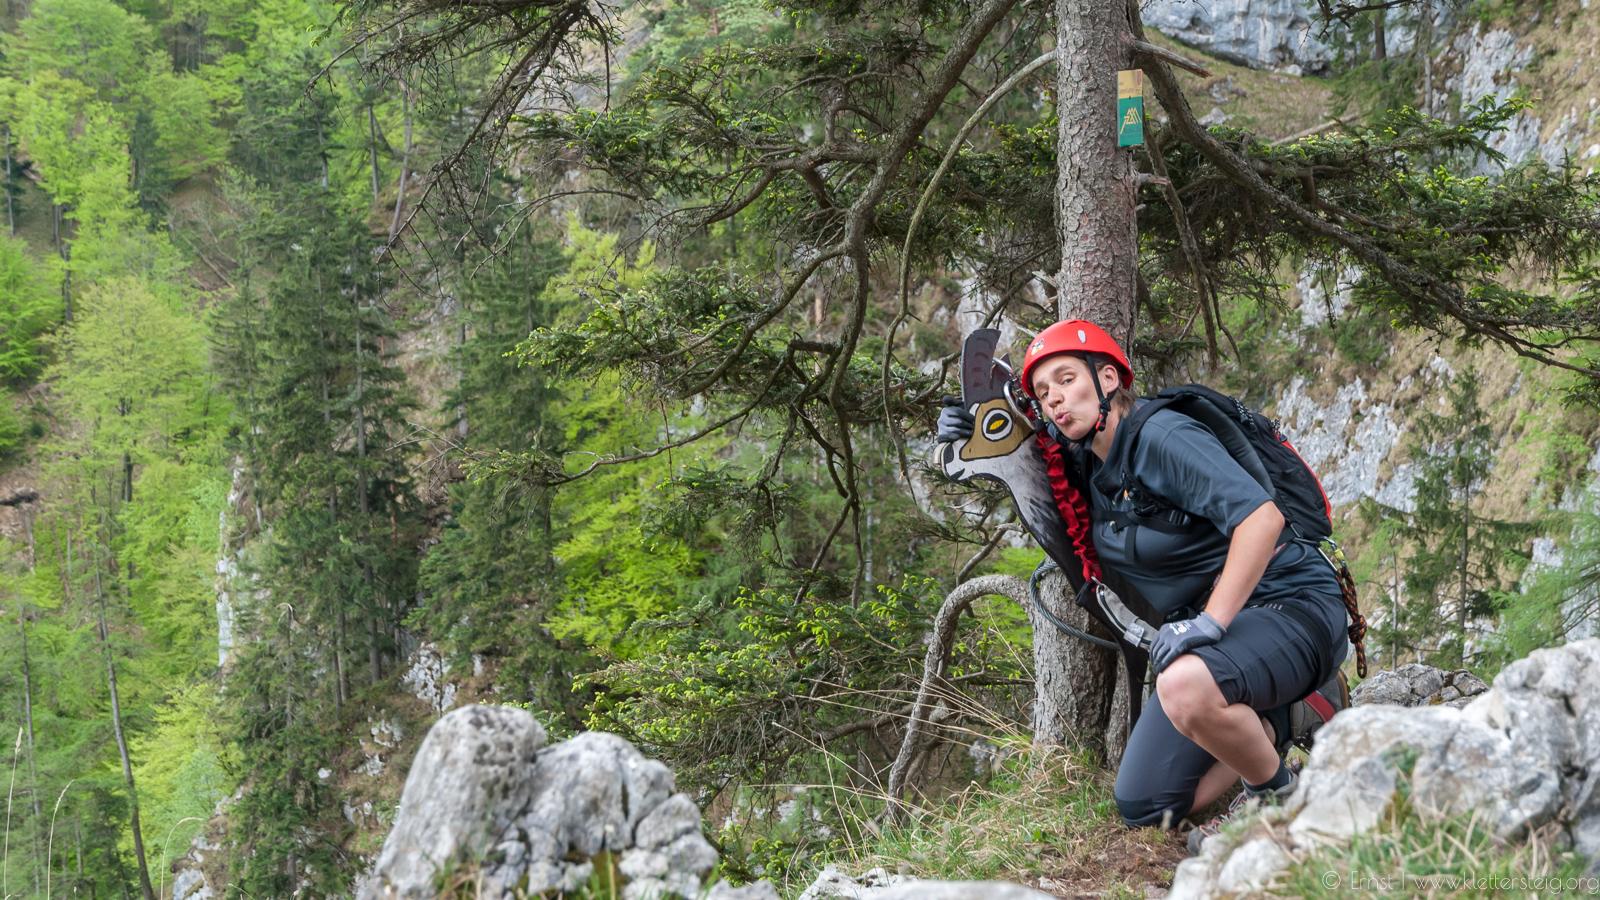 Klettersteig Mondsee : Drachenwand klettersteig mondsee klettersteige